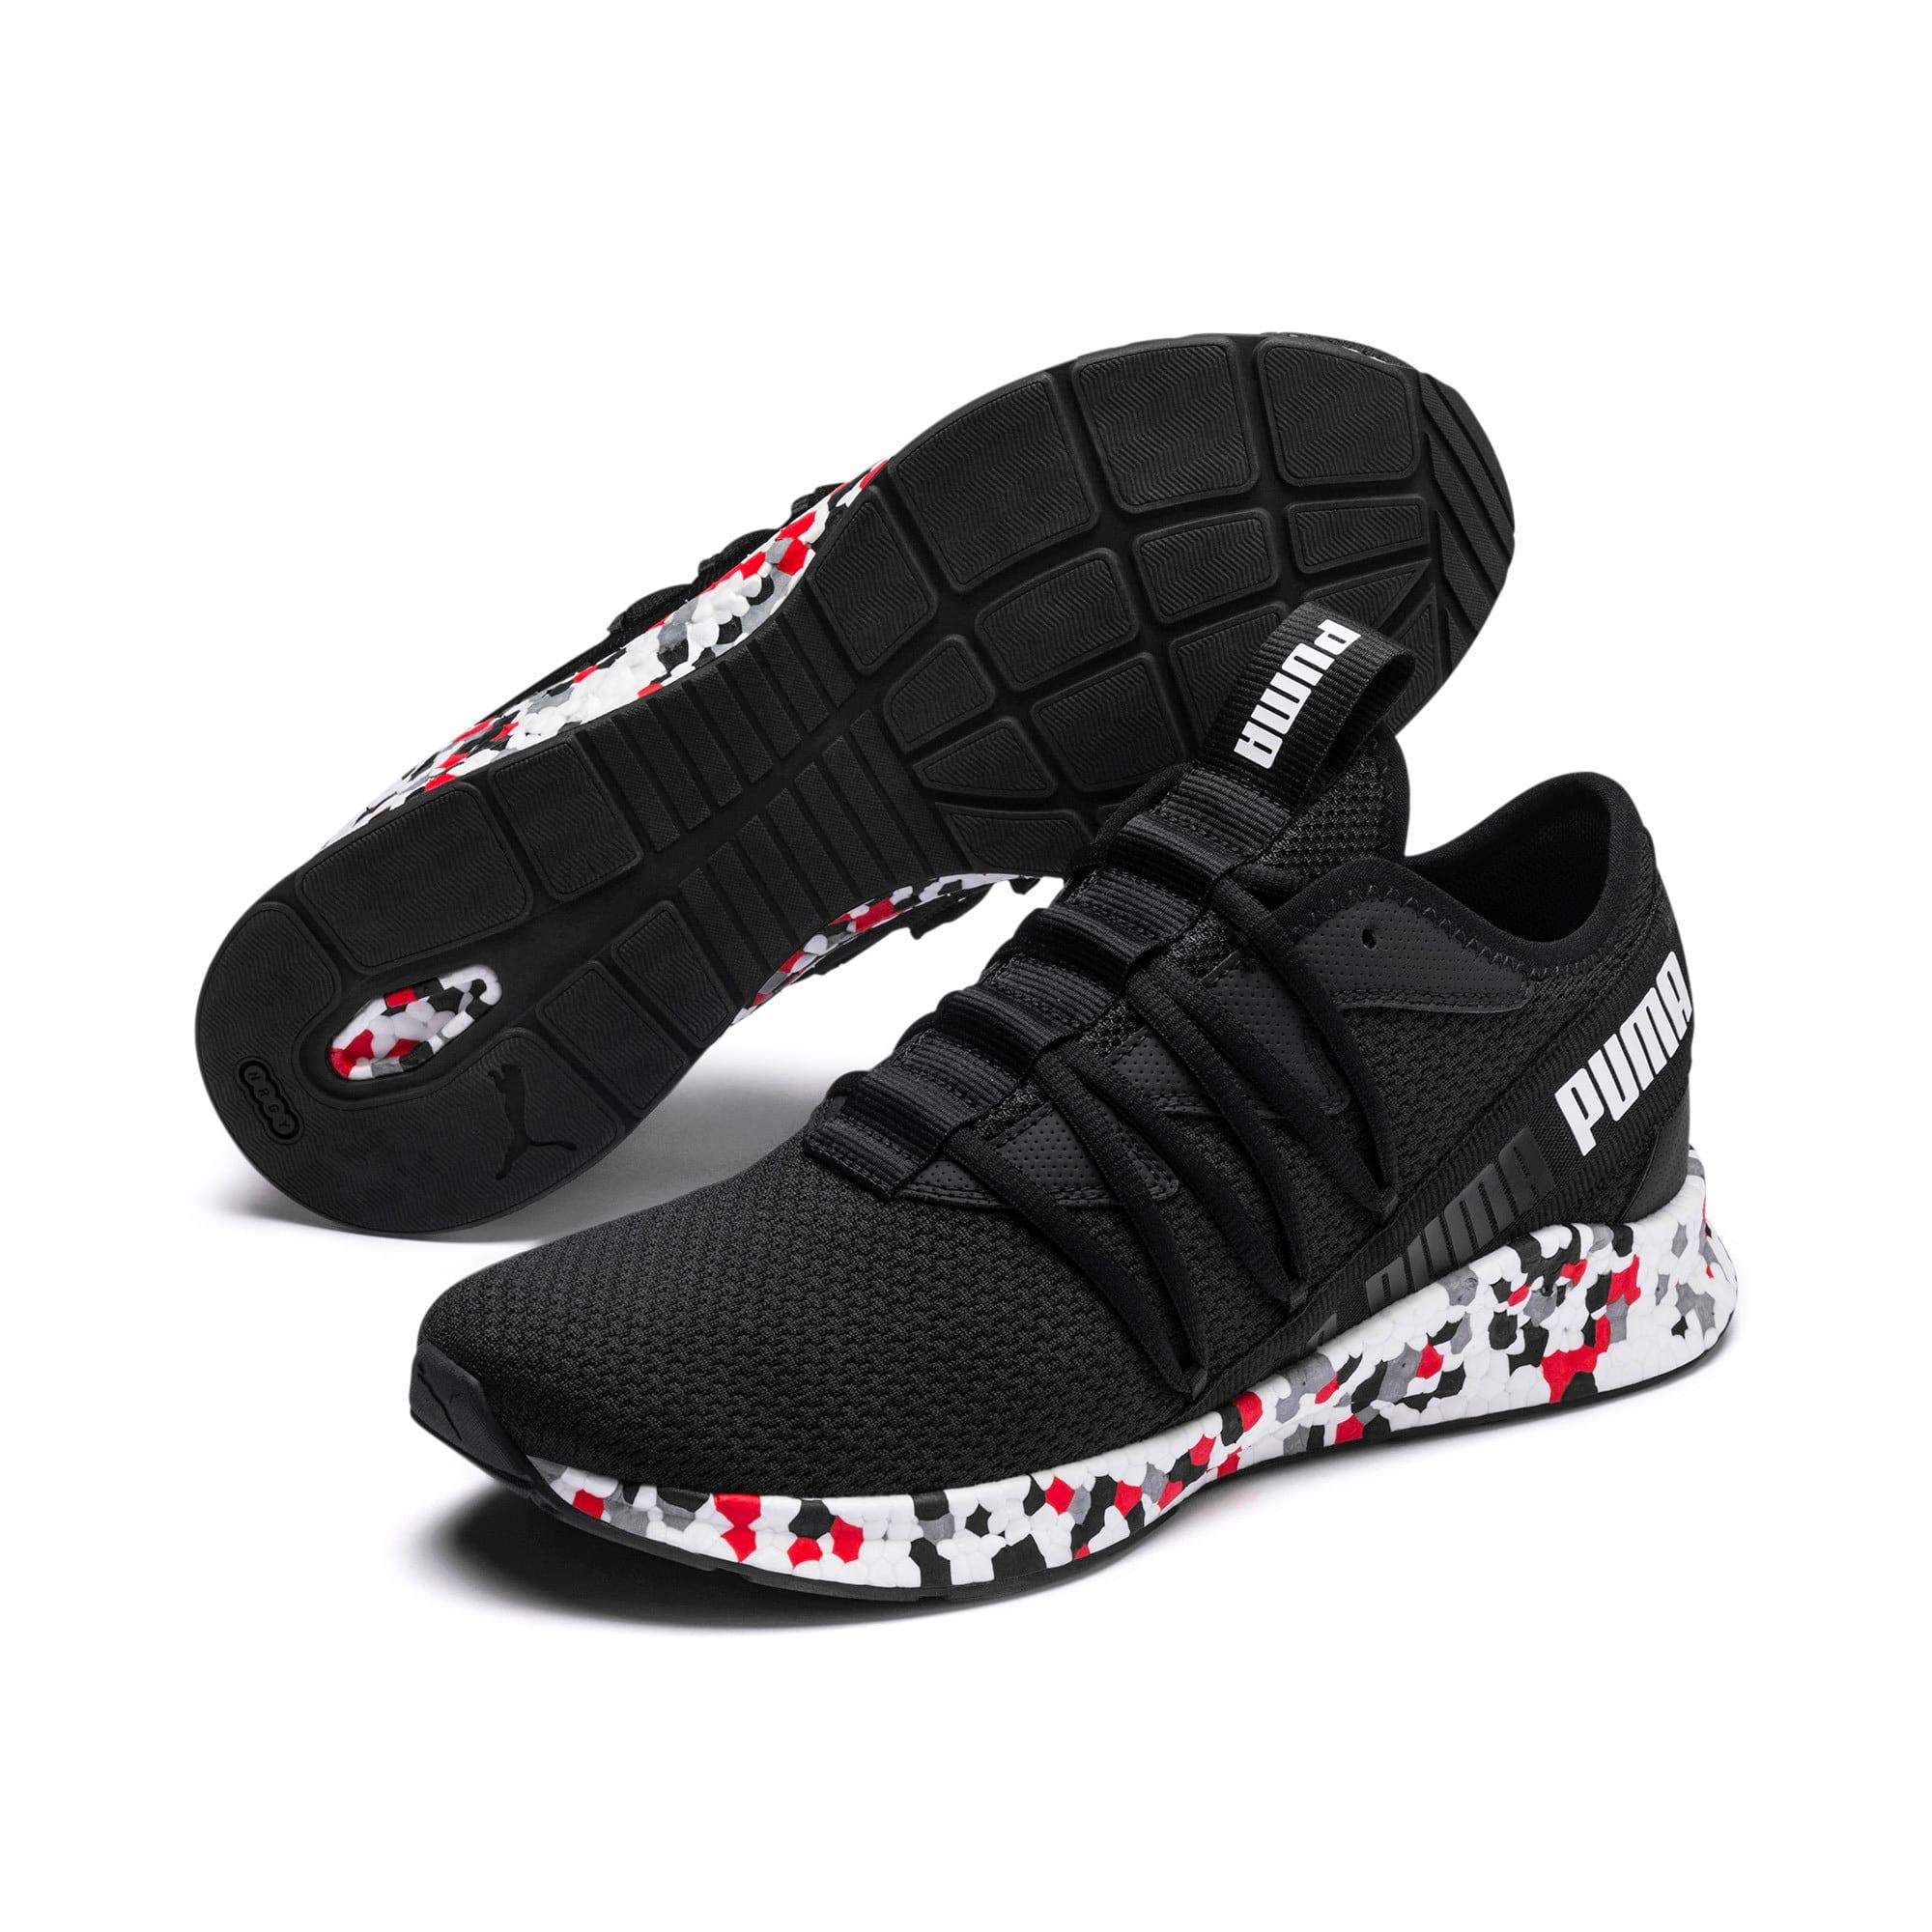 Thumbnail 2 of NRGY Star Multi Running Shoes, Black-White-Red, medium